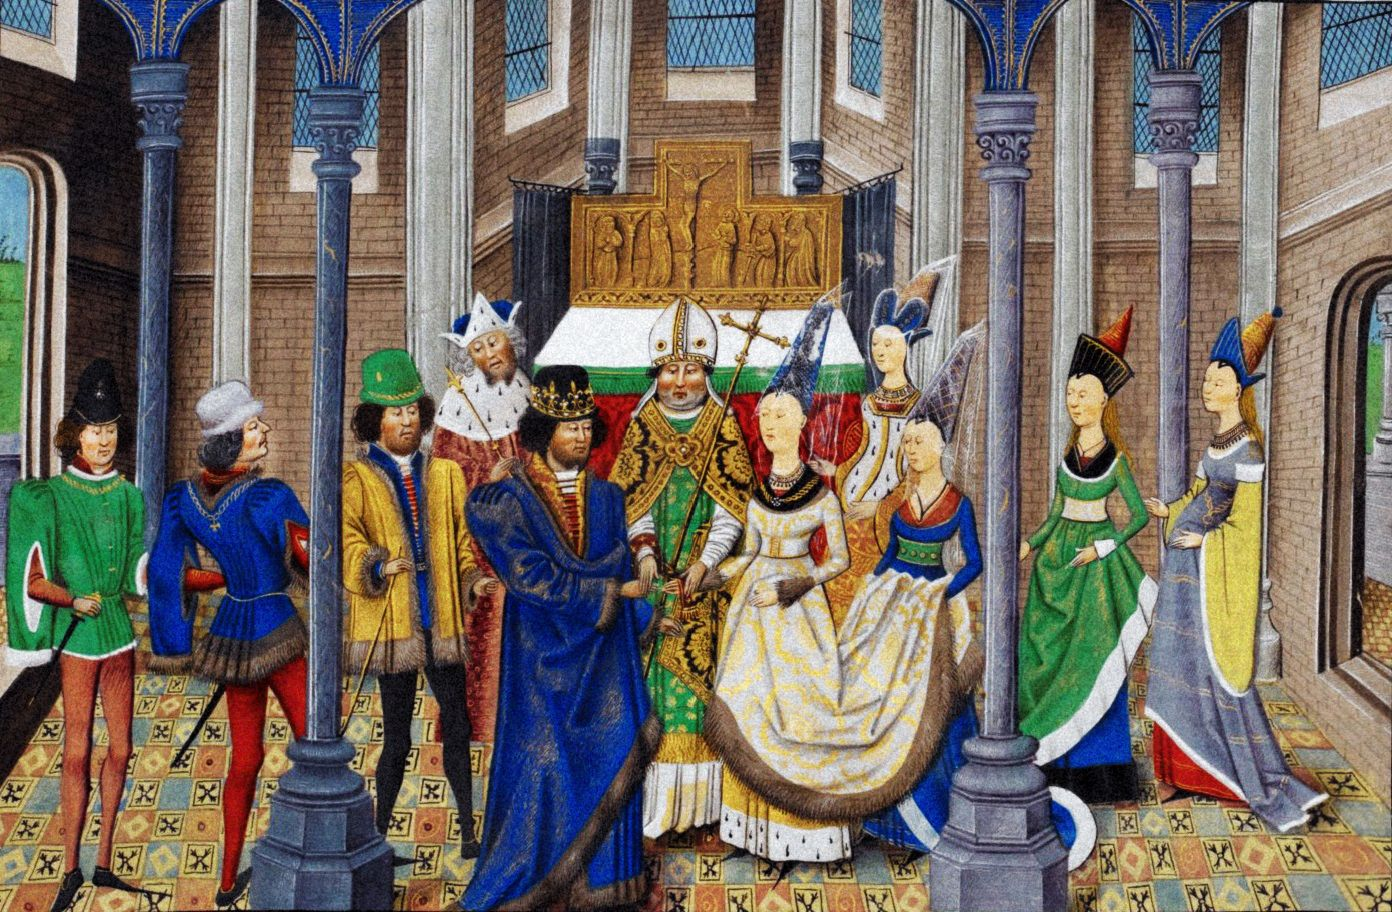 Casamento de D: JOÃO I (1357-1433), O de Boa Memória, com D. FILIPA DE LENCASTRE (1359-1415). D. João I reinou desde 1385 até sua morte.